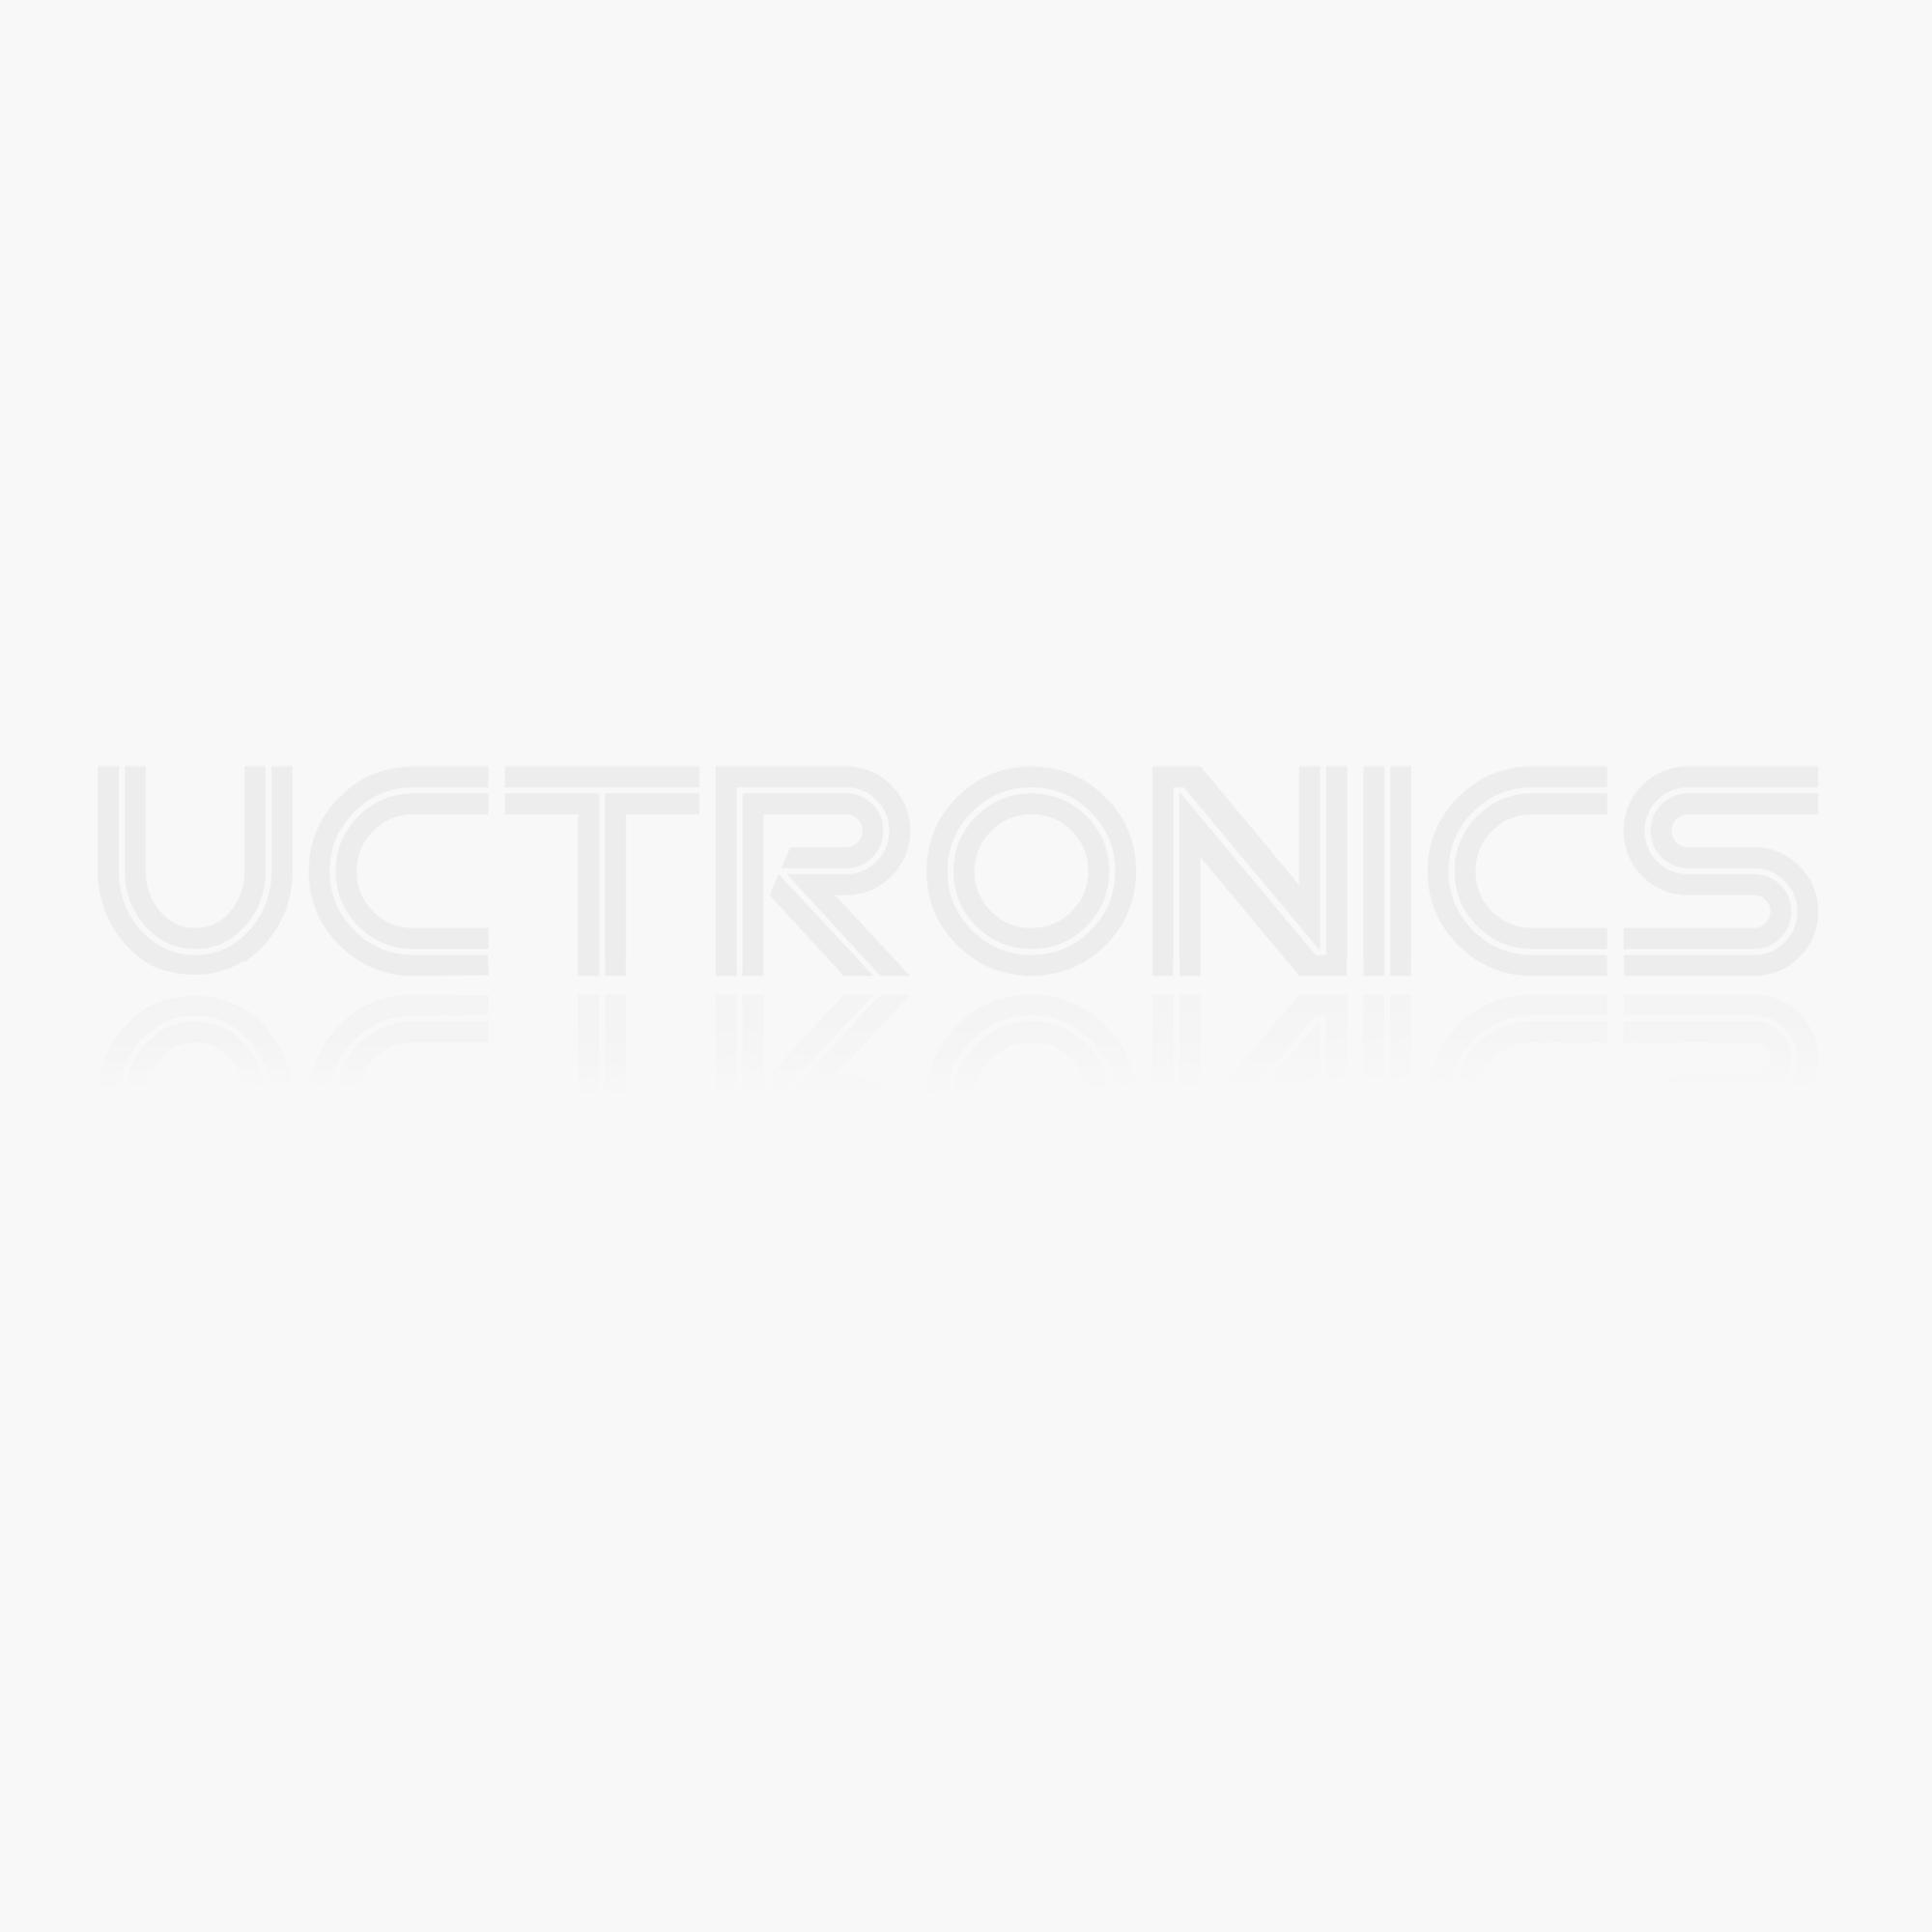 DC 1.7-25V Voltage Panel Meter - Green